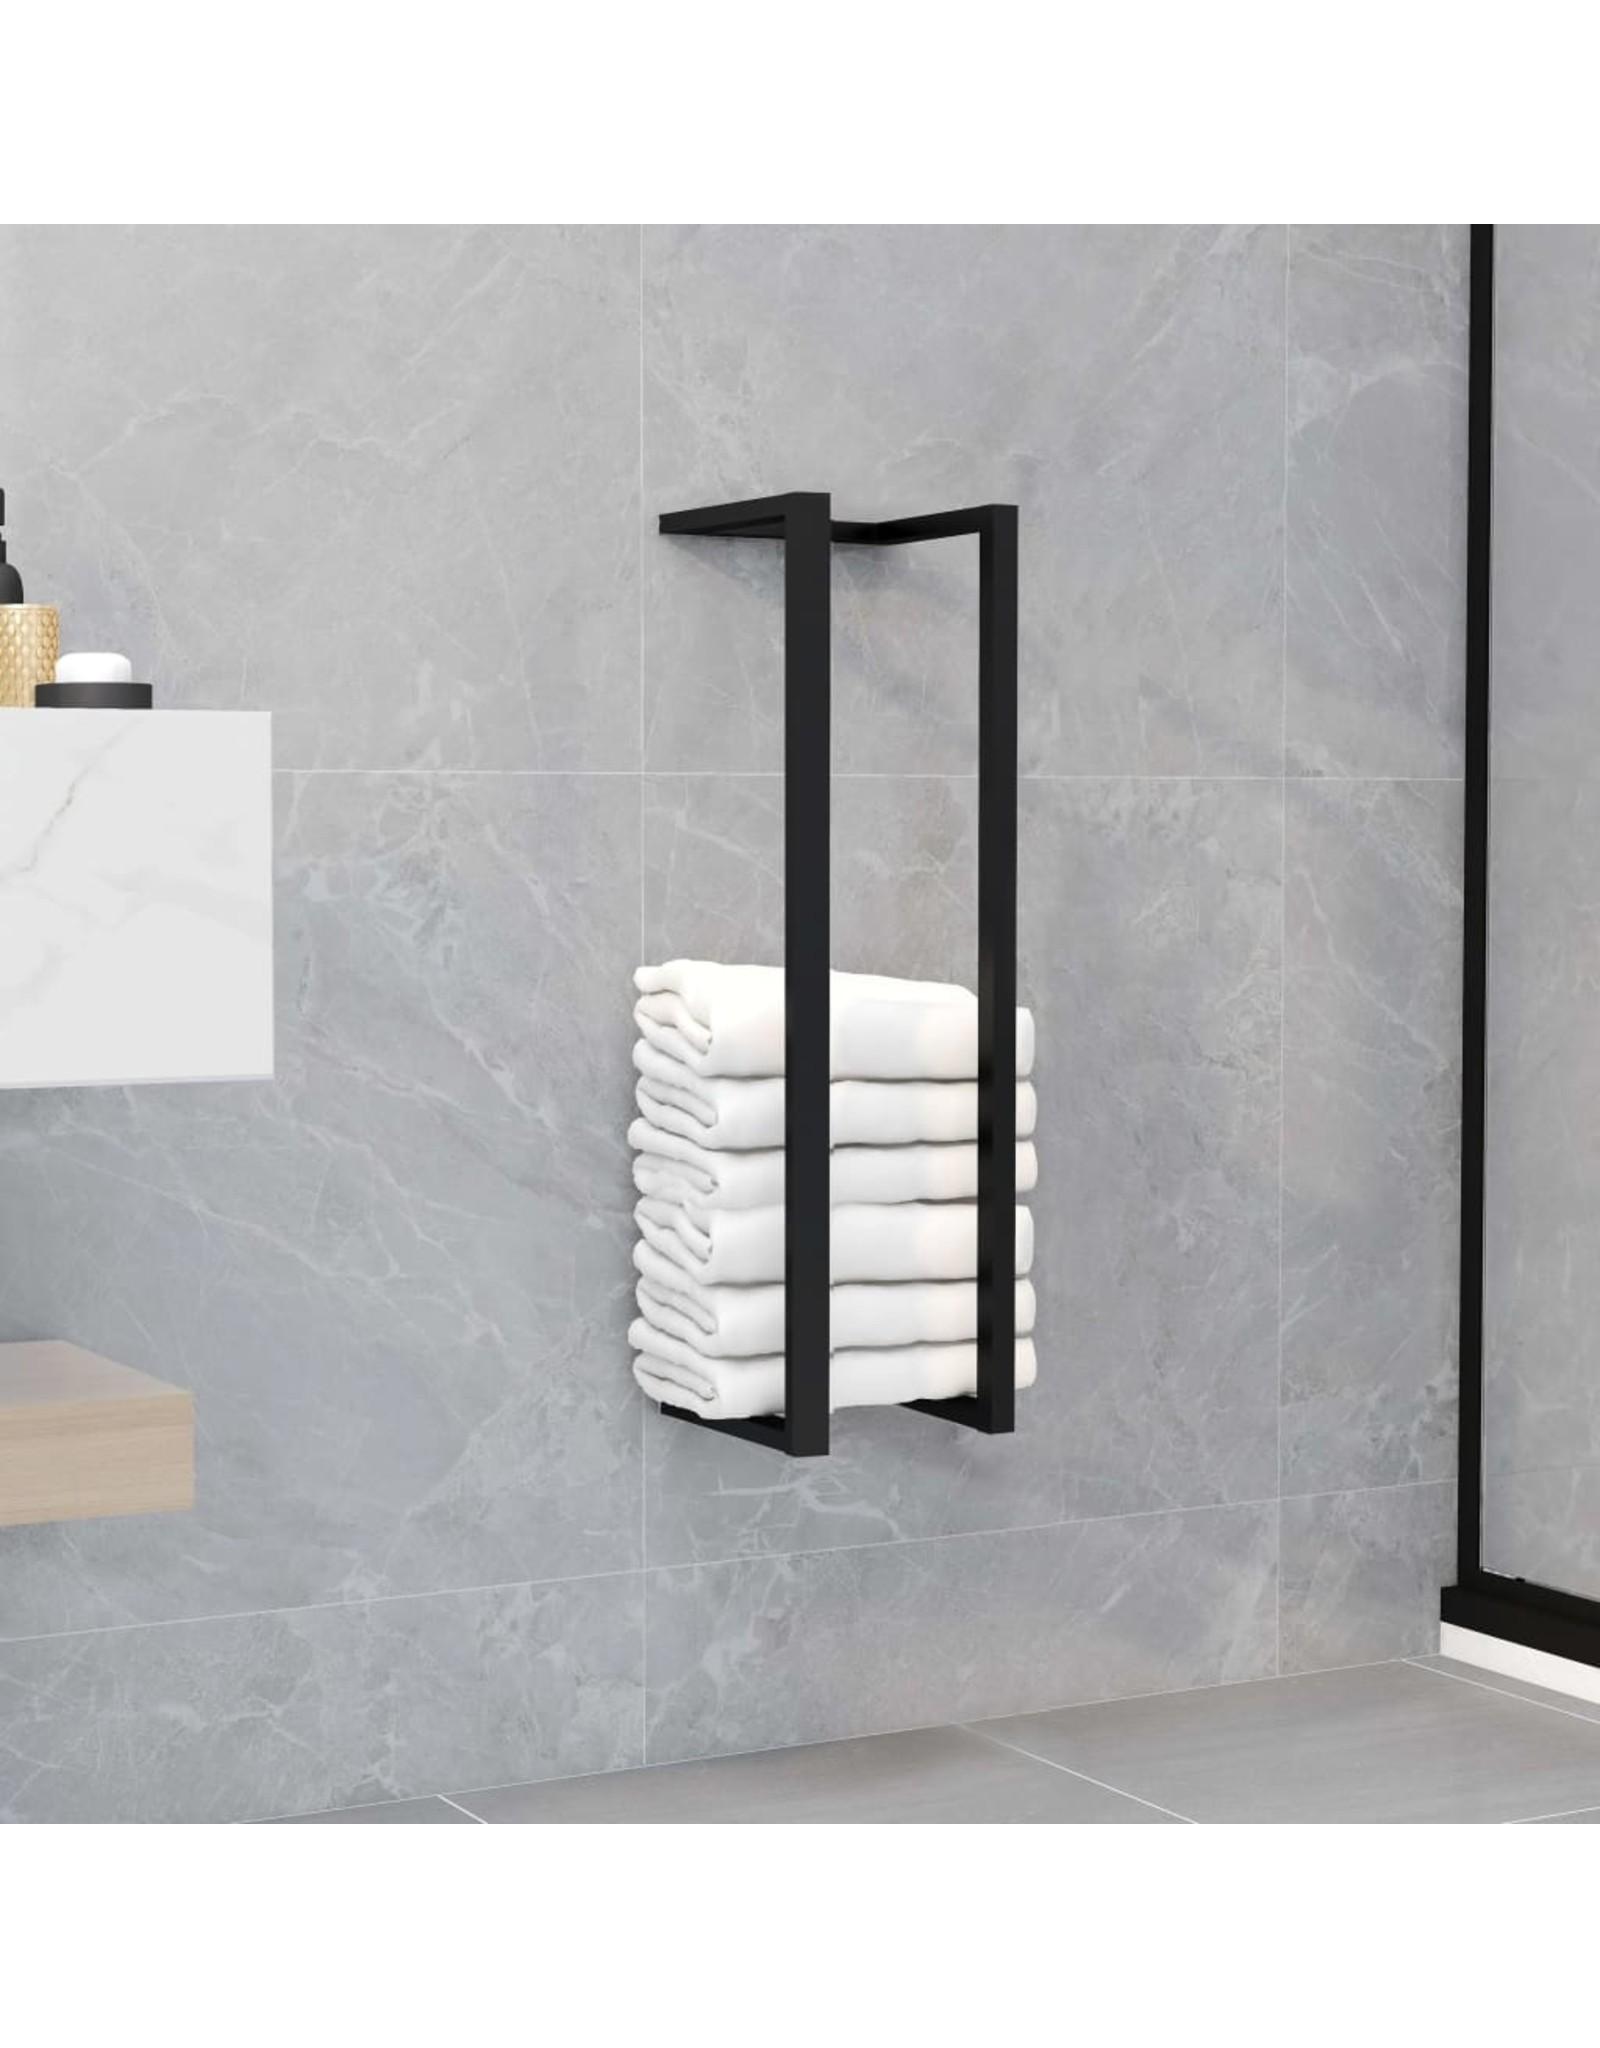 Handdoekenrek 12,5x12,5x60 cm ijzer zwart